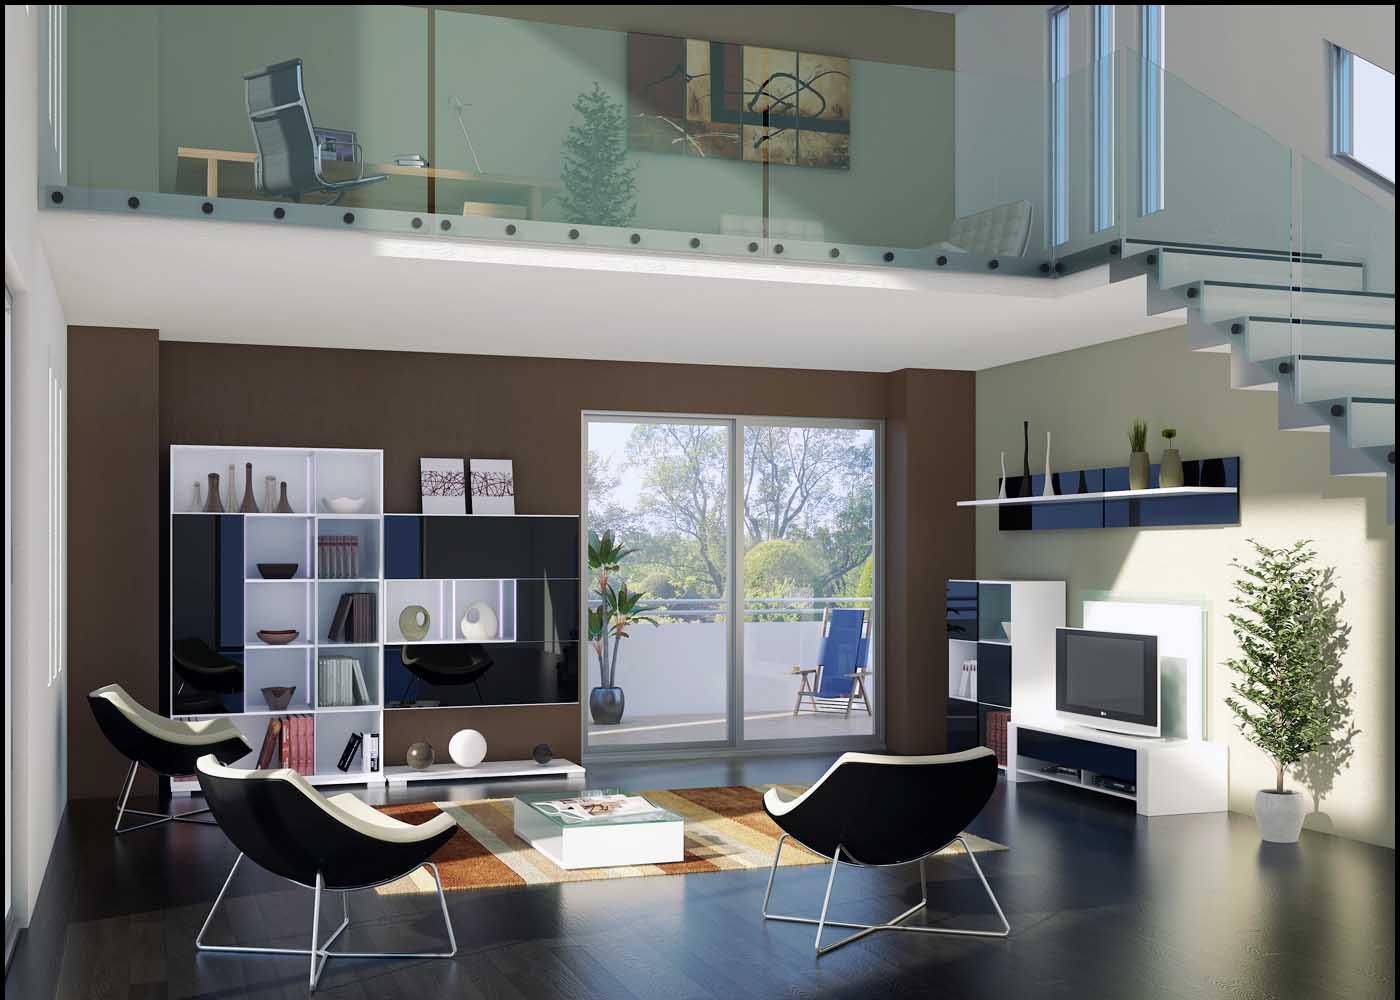 Tư vấn thiết kế kính cho không gian nhà sáng đẹp